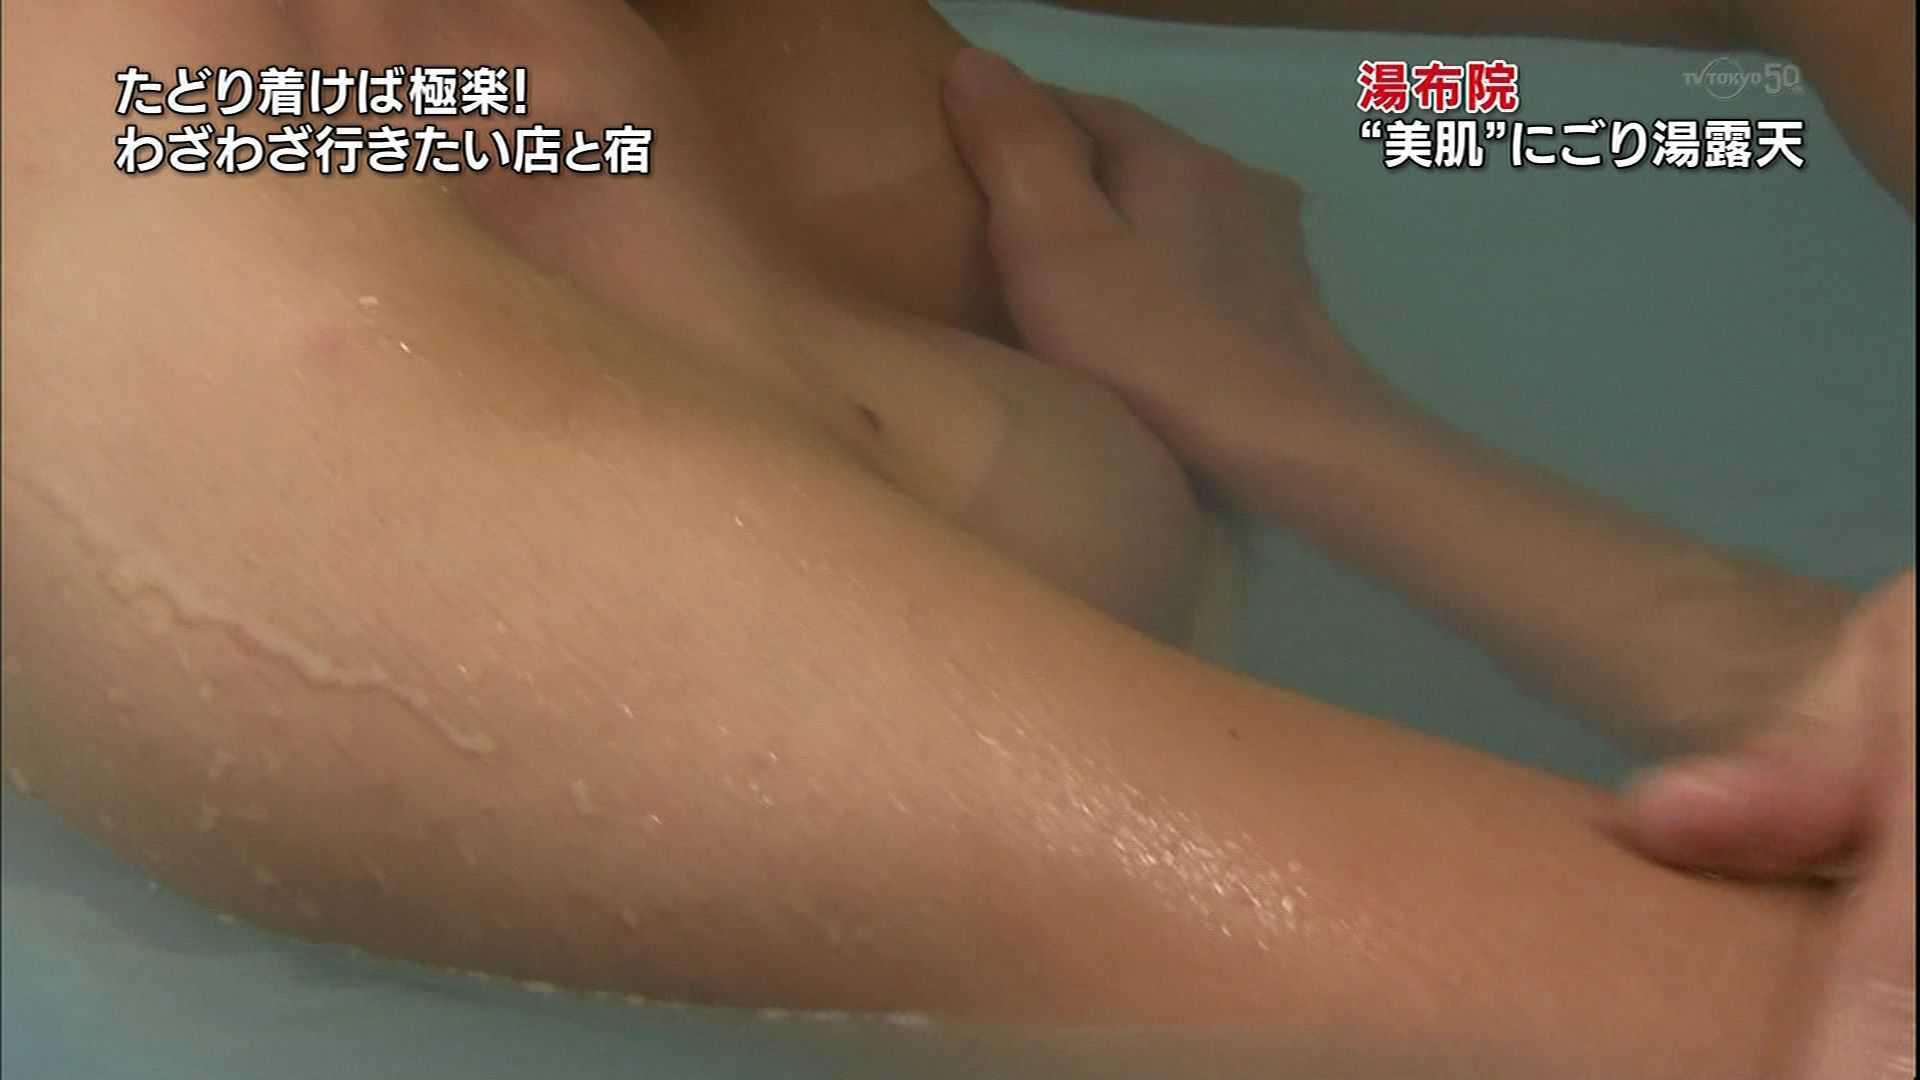 TVでも見えちゃった (9)